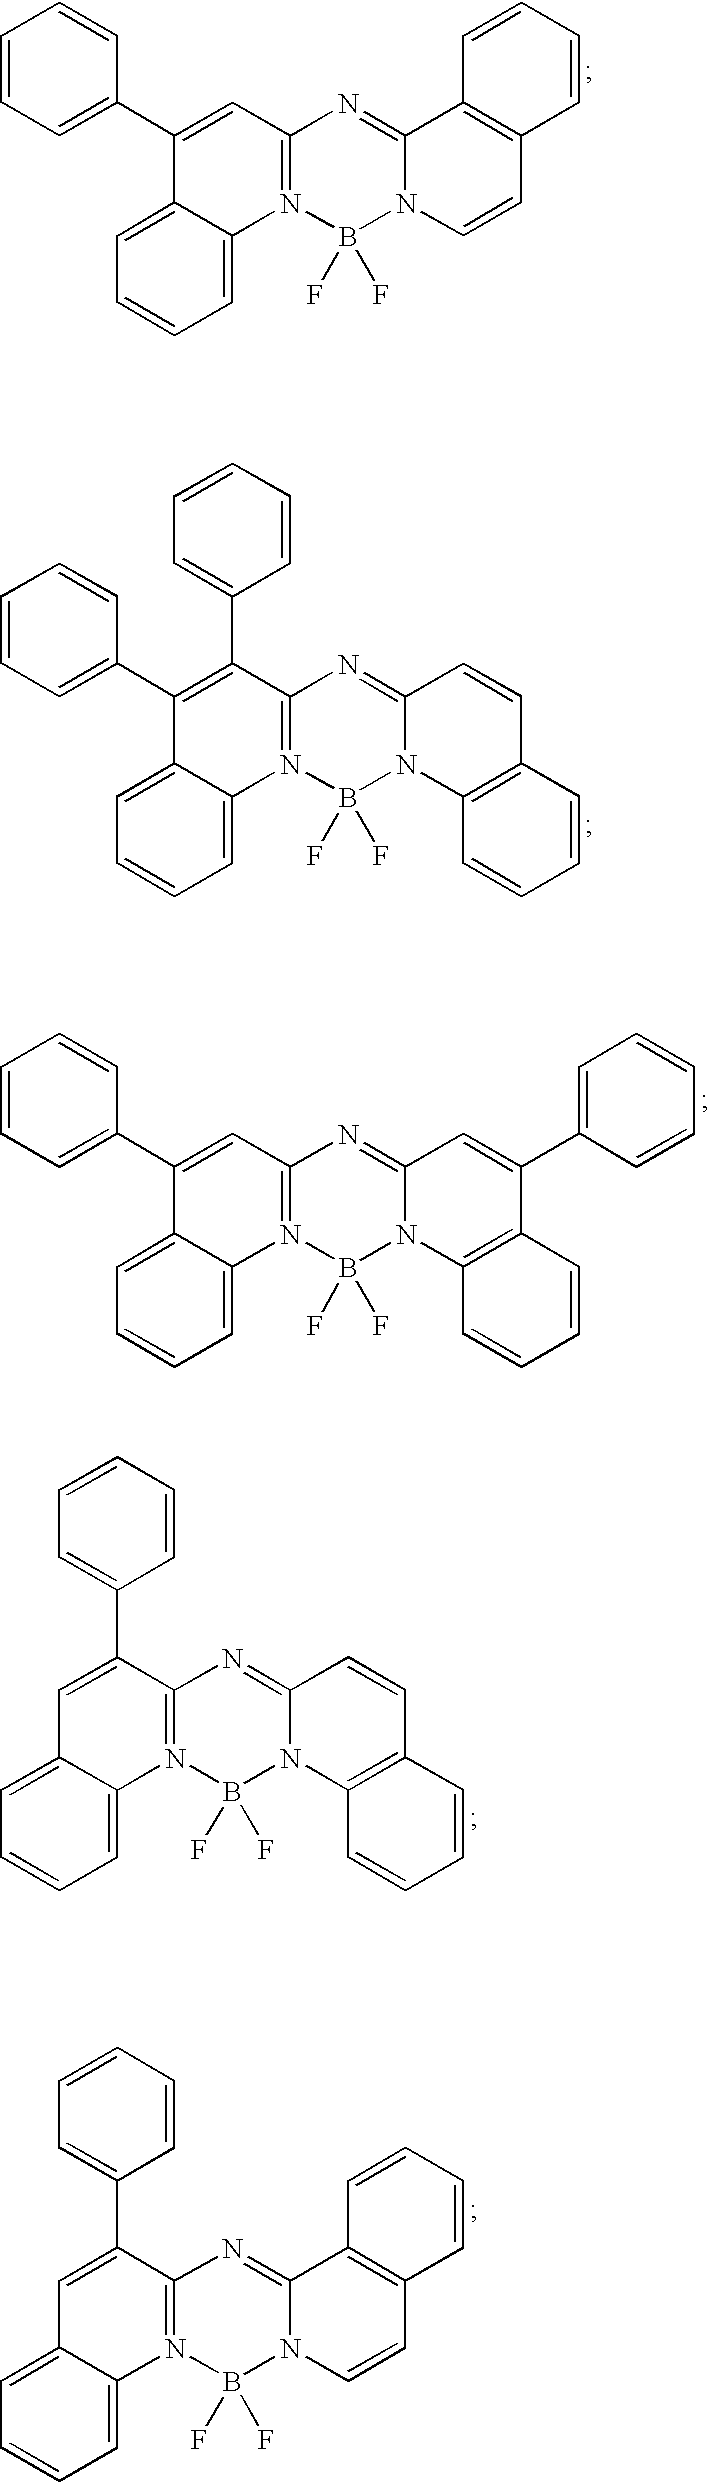 Figure US07247394-20070724-C00026